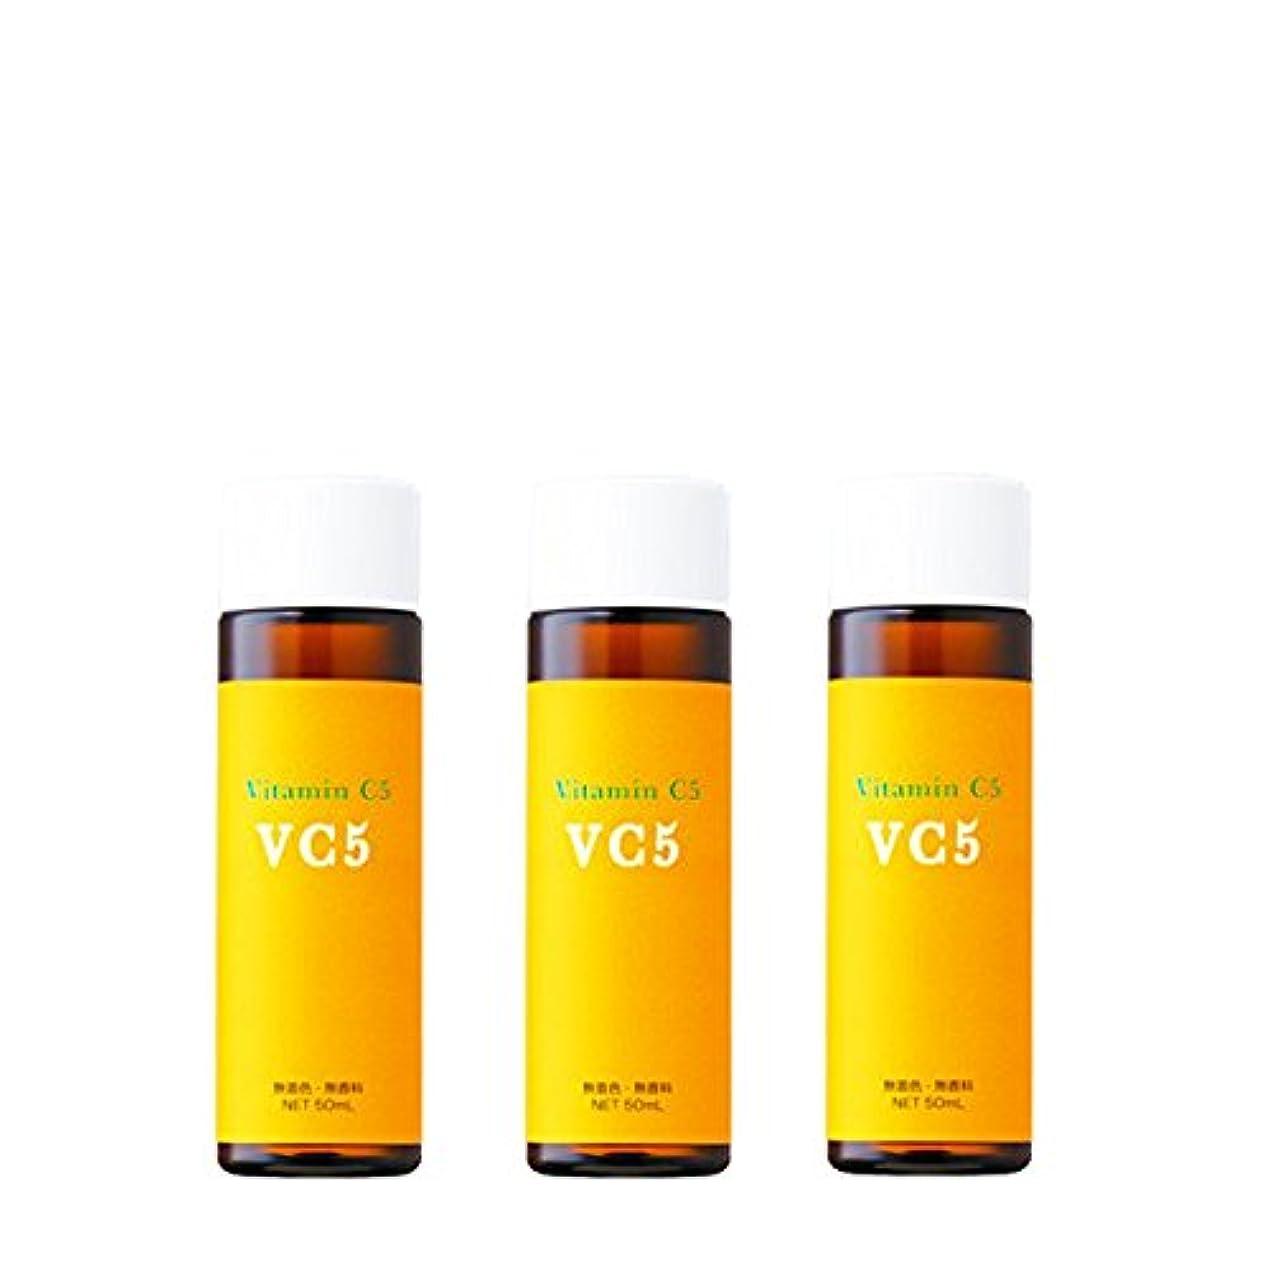 奪うシネウィせがむエビス化粧品(EBiS) Cエッセンス 50ml(ビタミンC 5%美容液) 【3本セット】